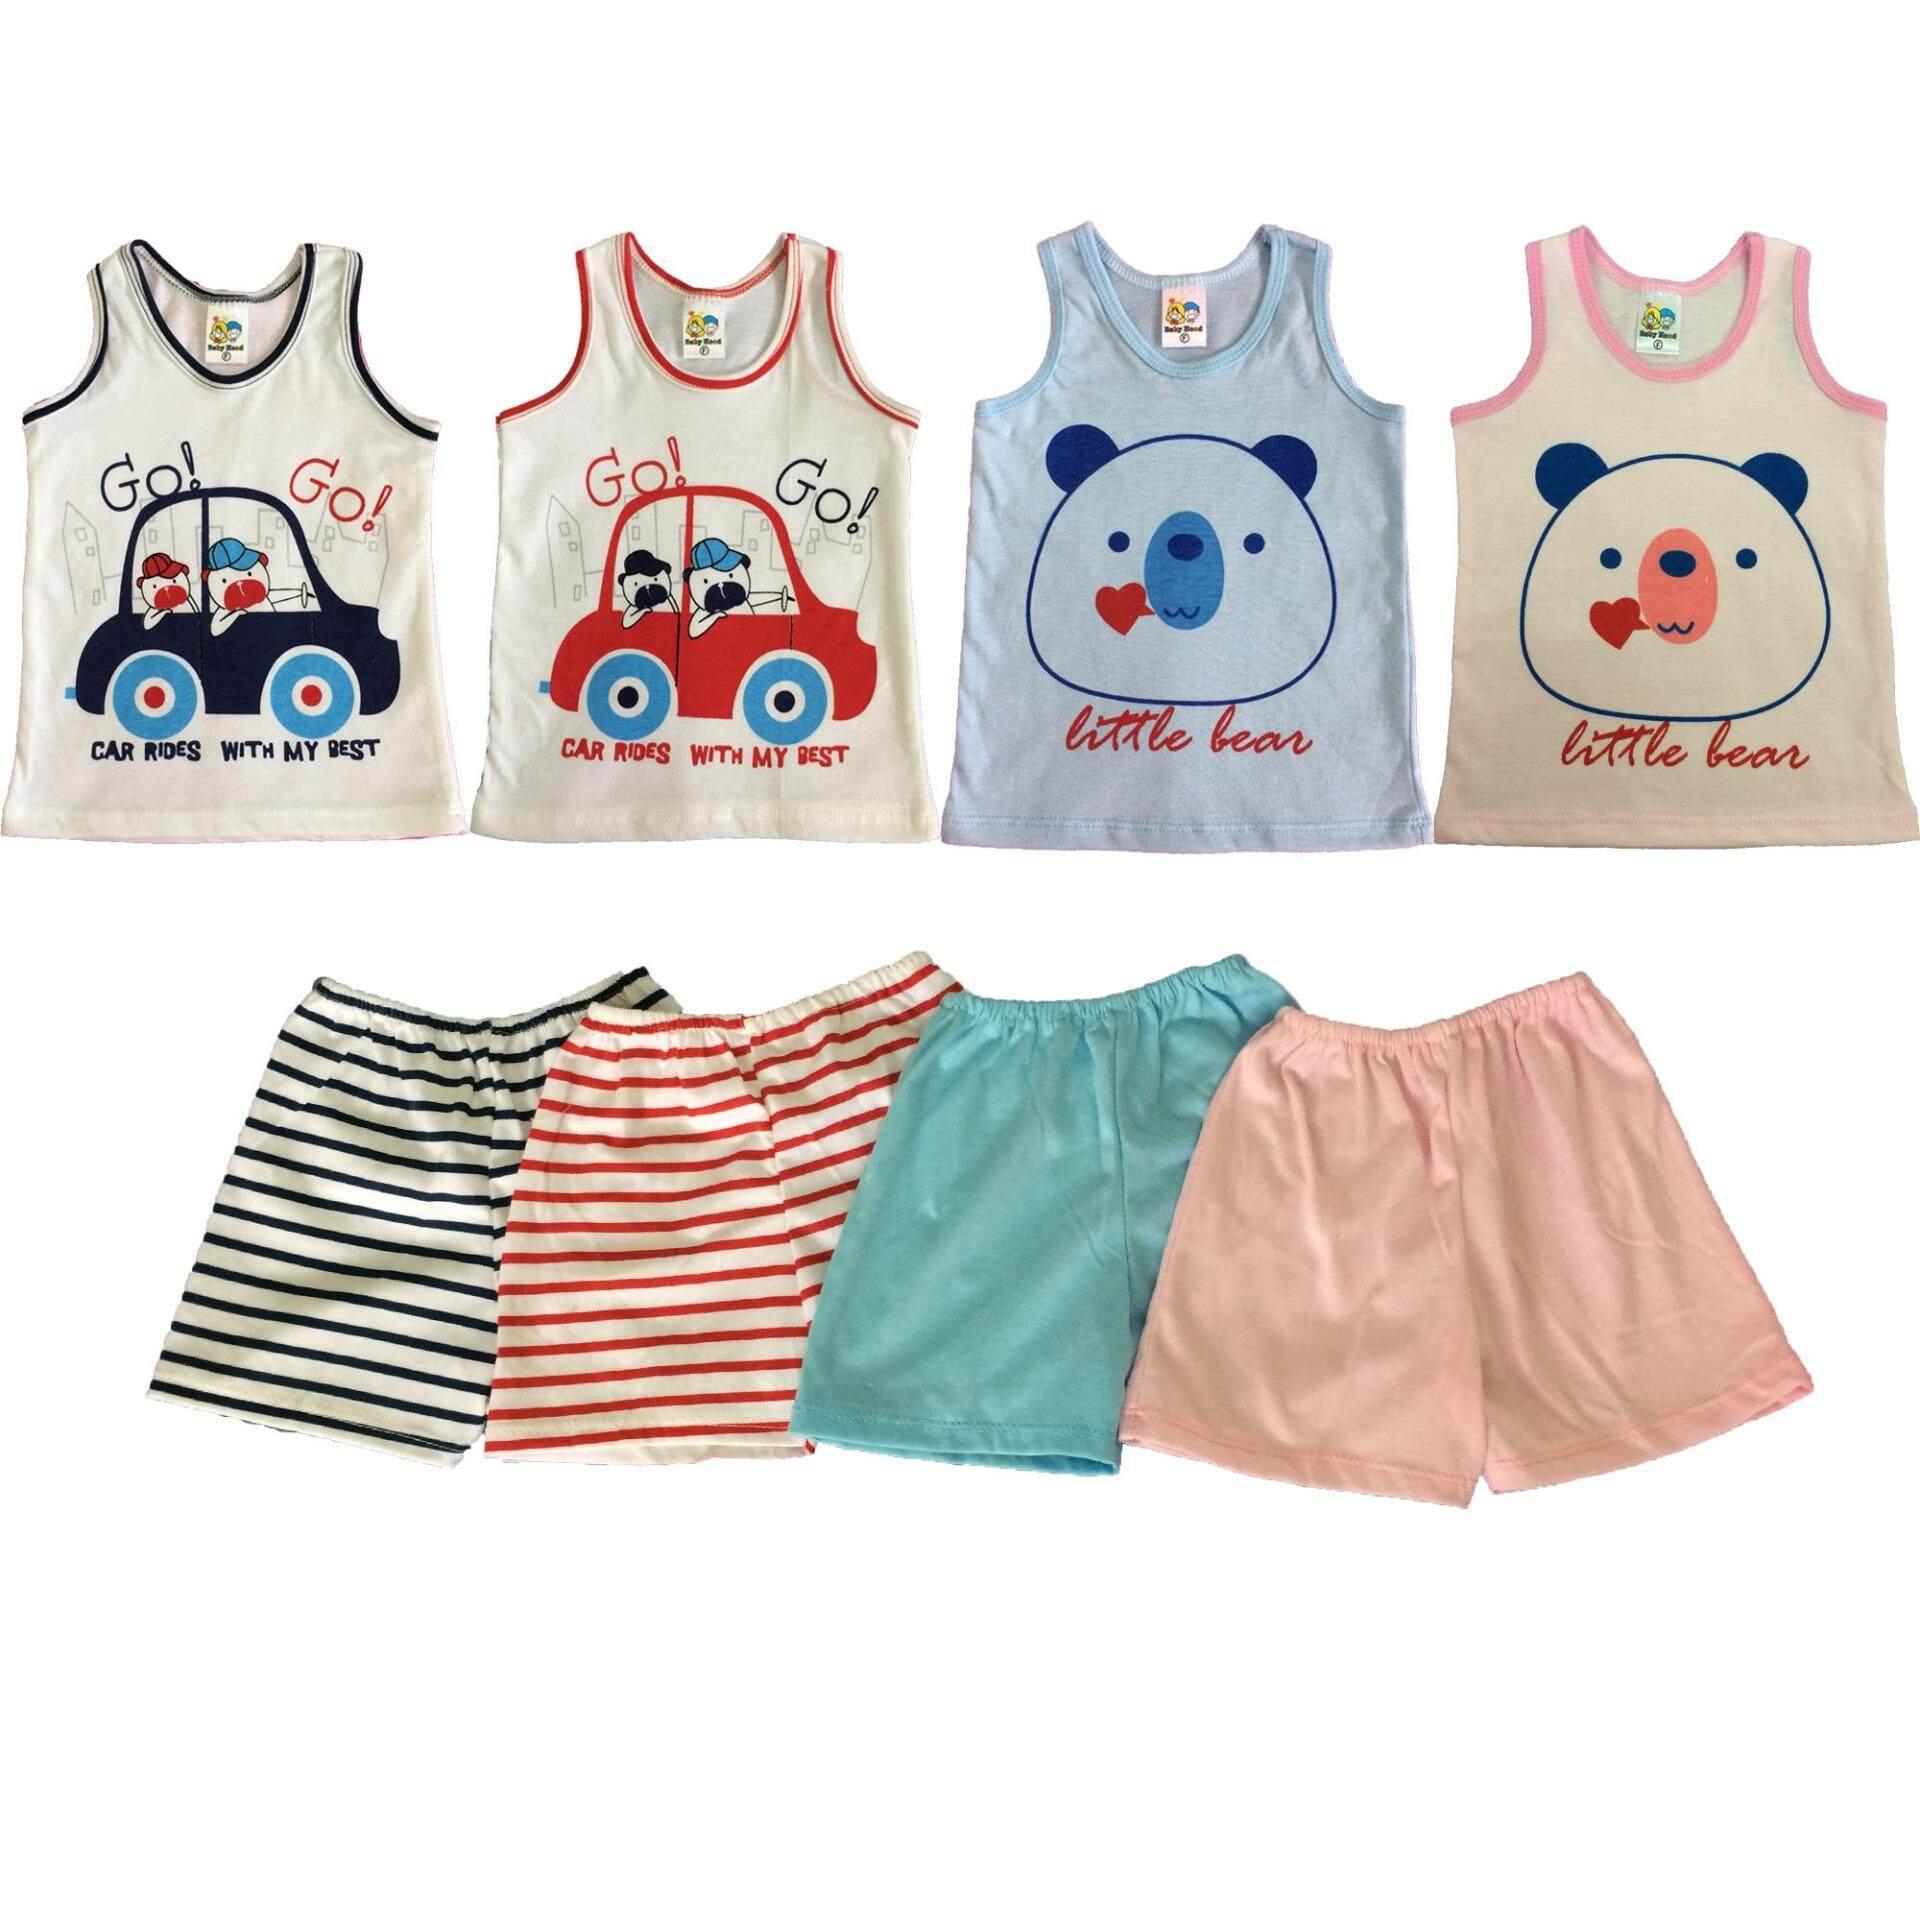 โปรโมชั่น Kamphu ชุดเสื้อกล้าม เสื้อกล้ามเด็ก เสื้อเด็กอ่อน เด็กหญิง เด็กชาย แพ็ค 4 ชุด 6 เดือน